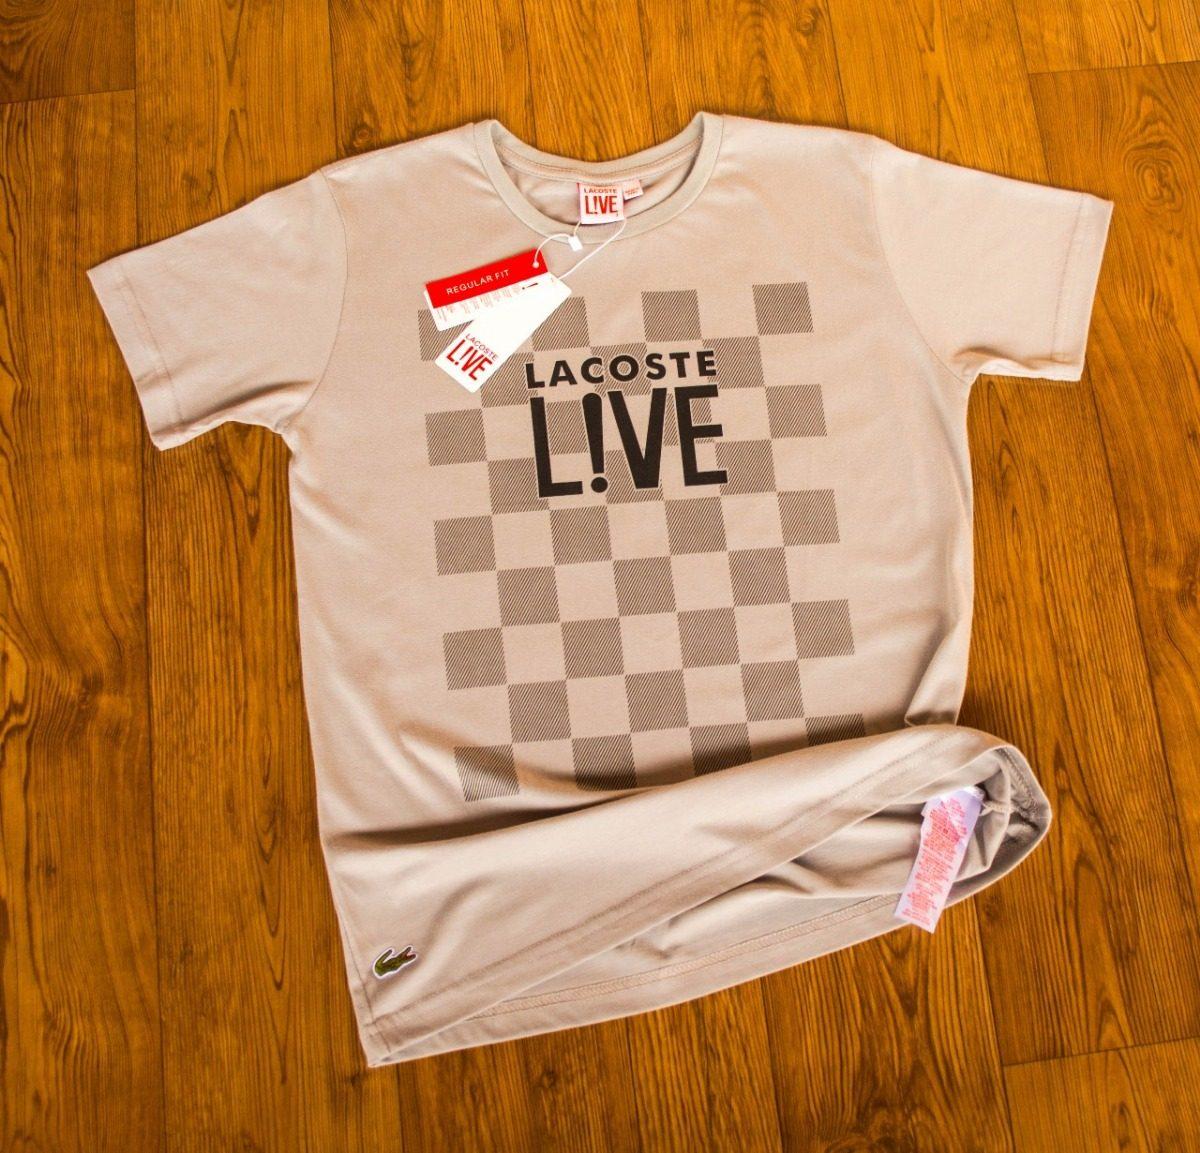 Camisa Maculina Lacoste Peruana Kit De Duas Peças - R  69,90 em ... d3ac18477b